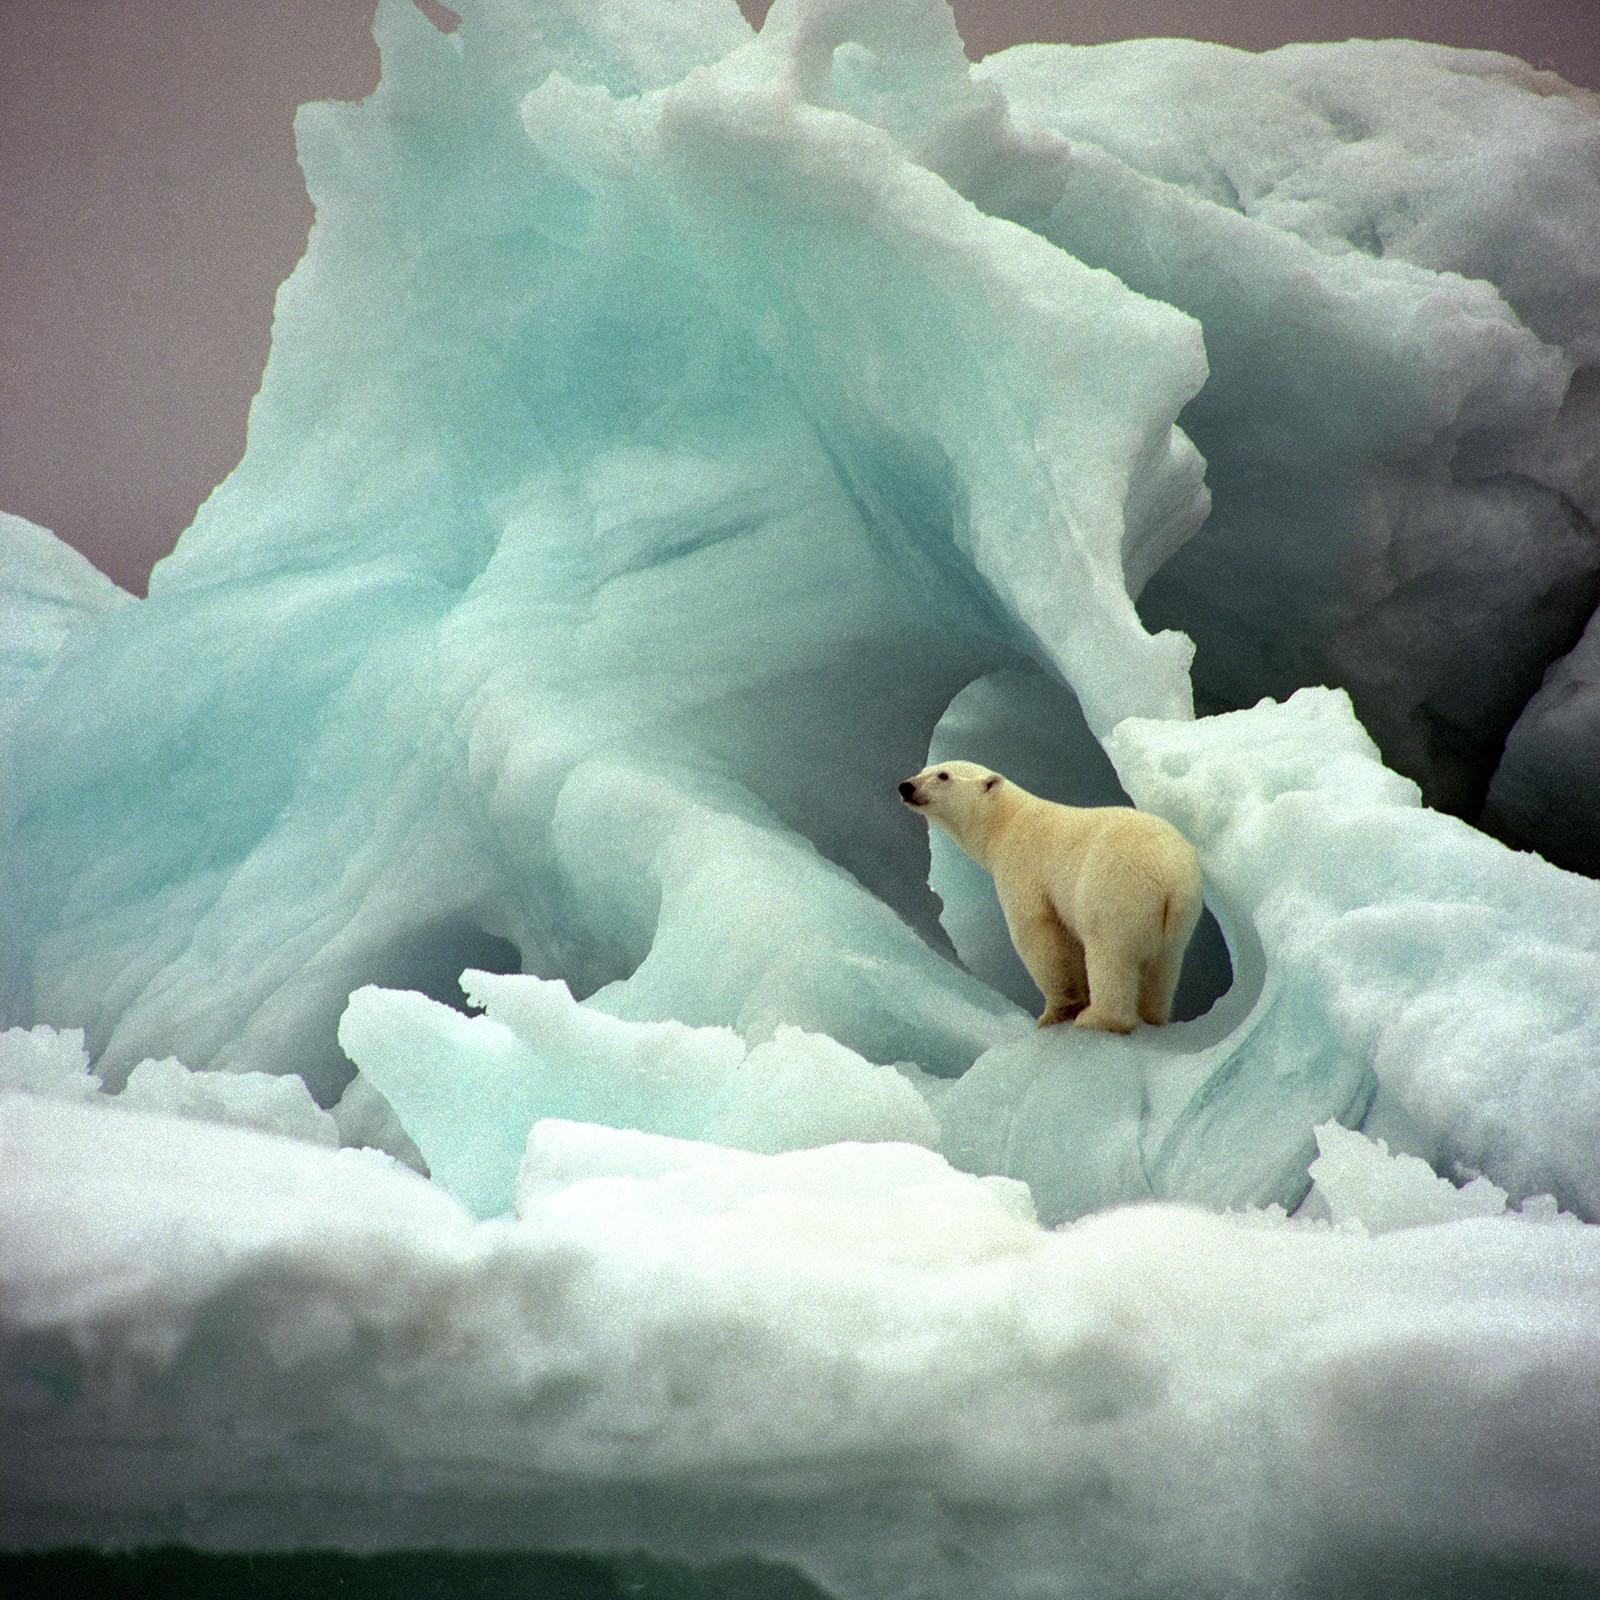 foto van ijsbeer in groenig ijs